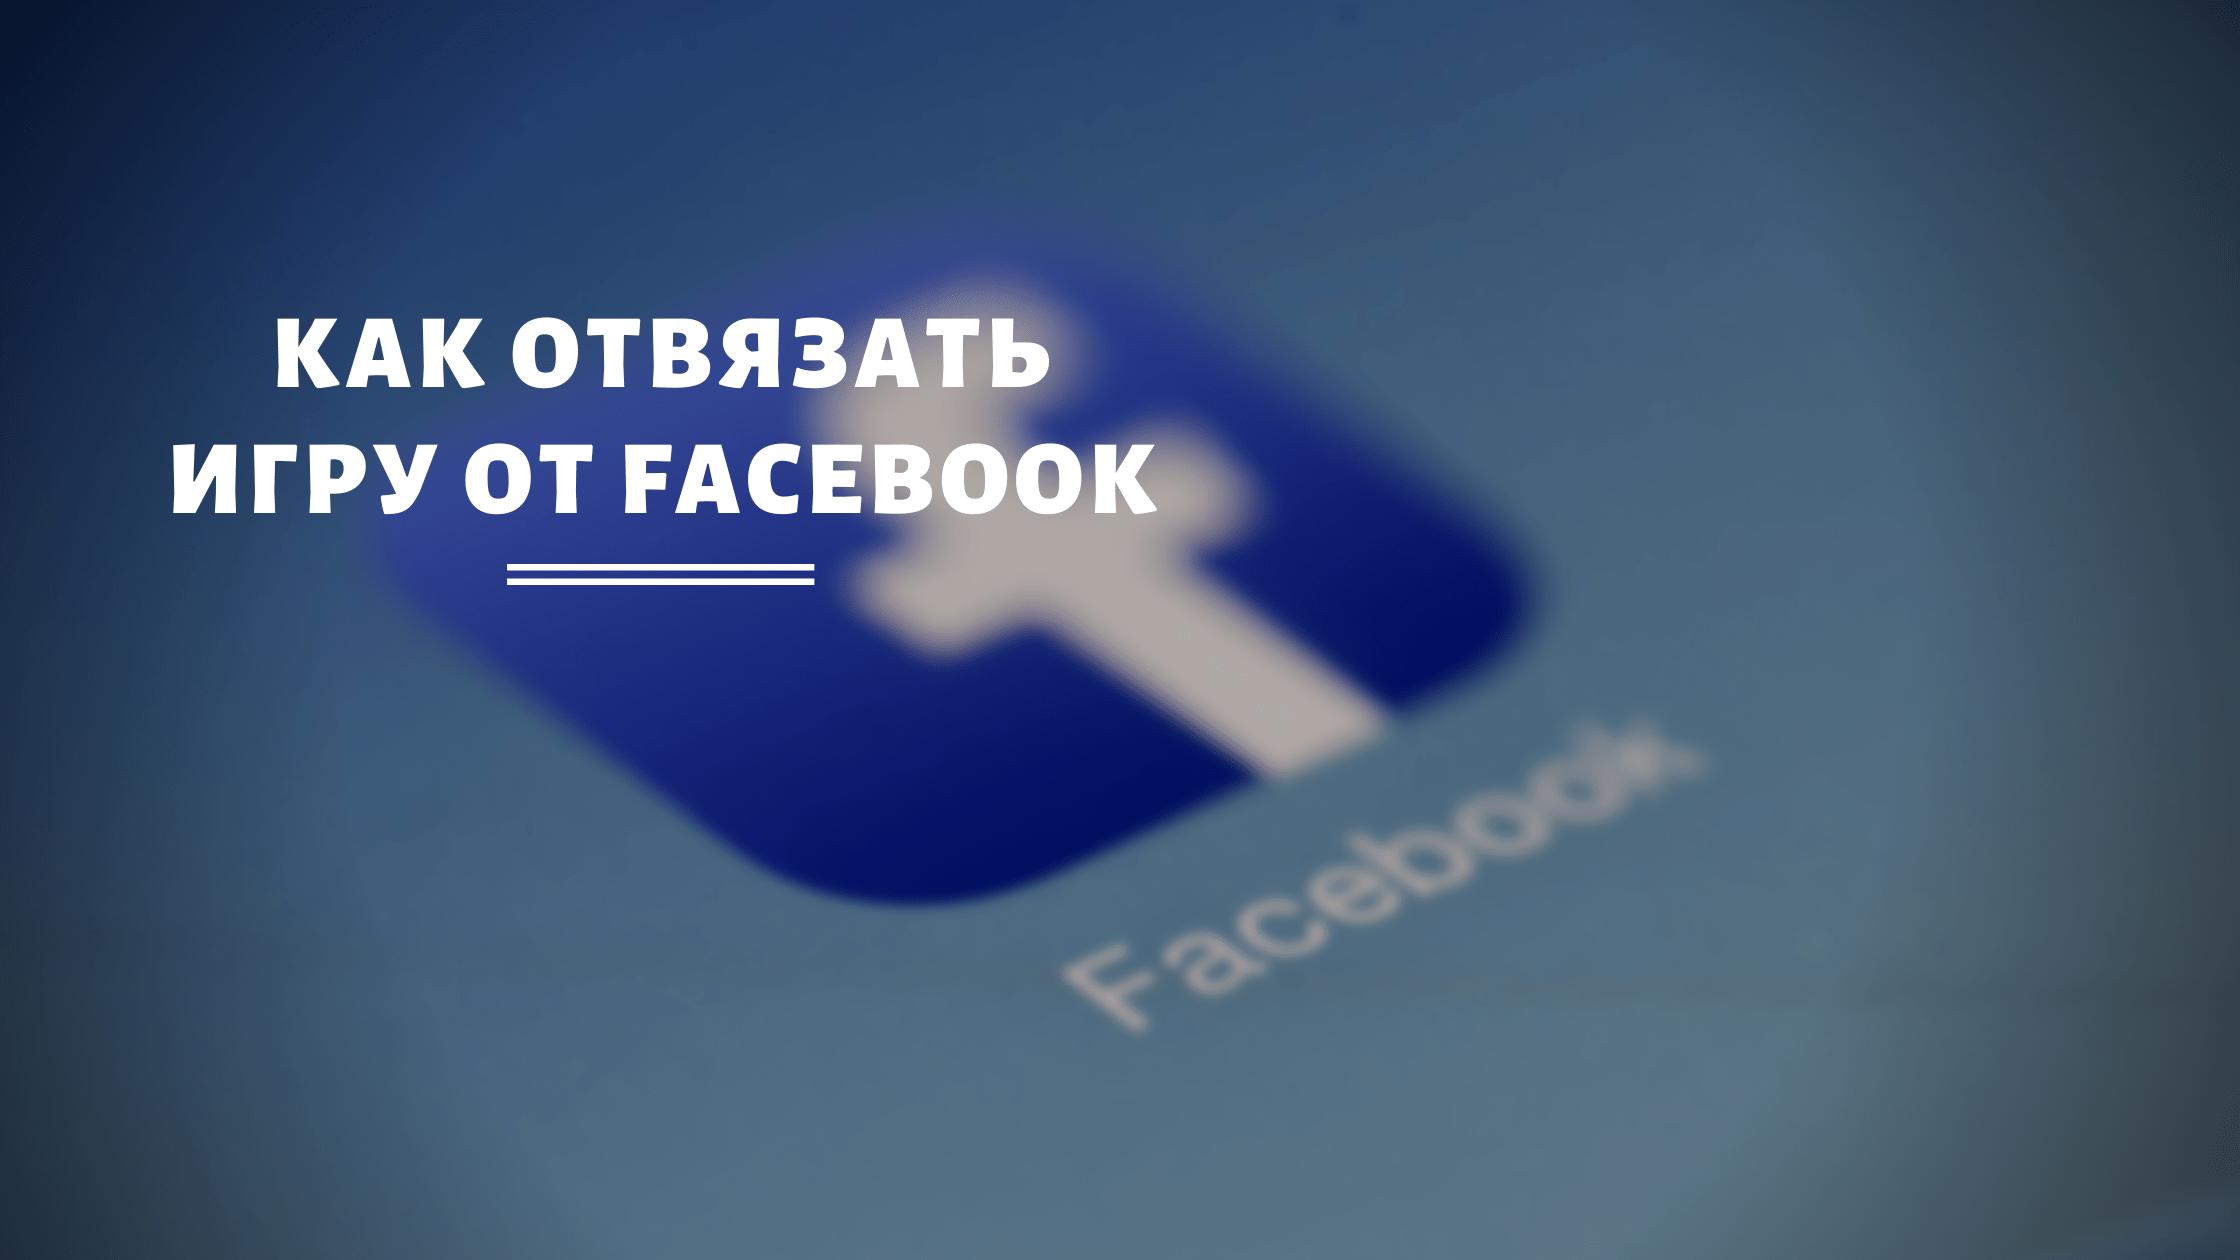 Как отвязать игру или приложение от Facebook